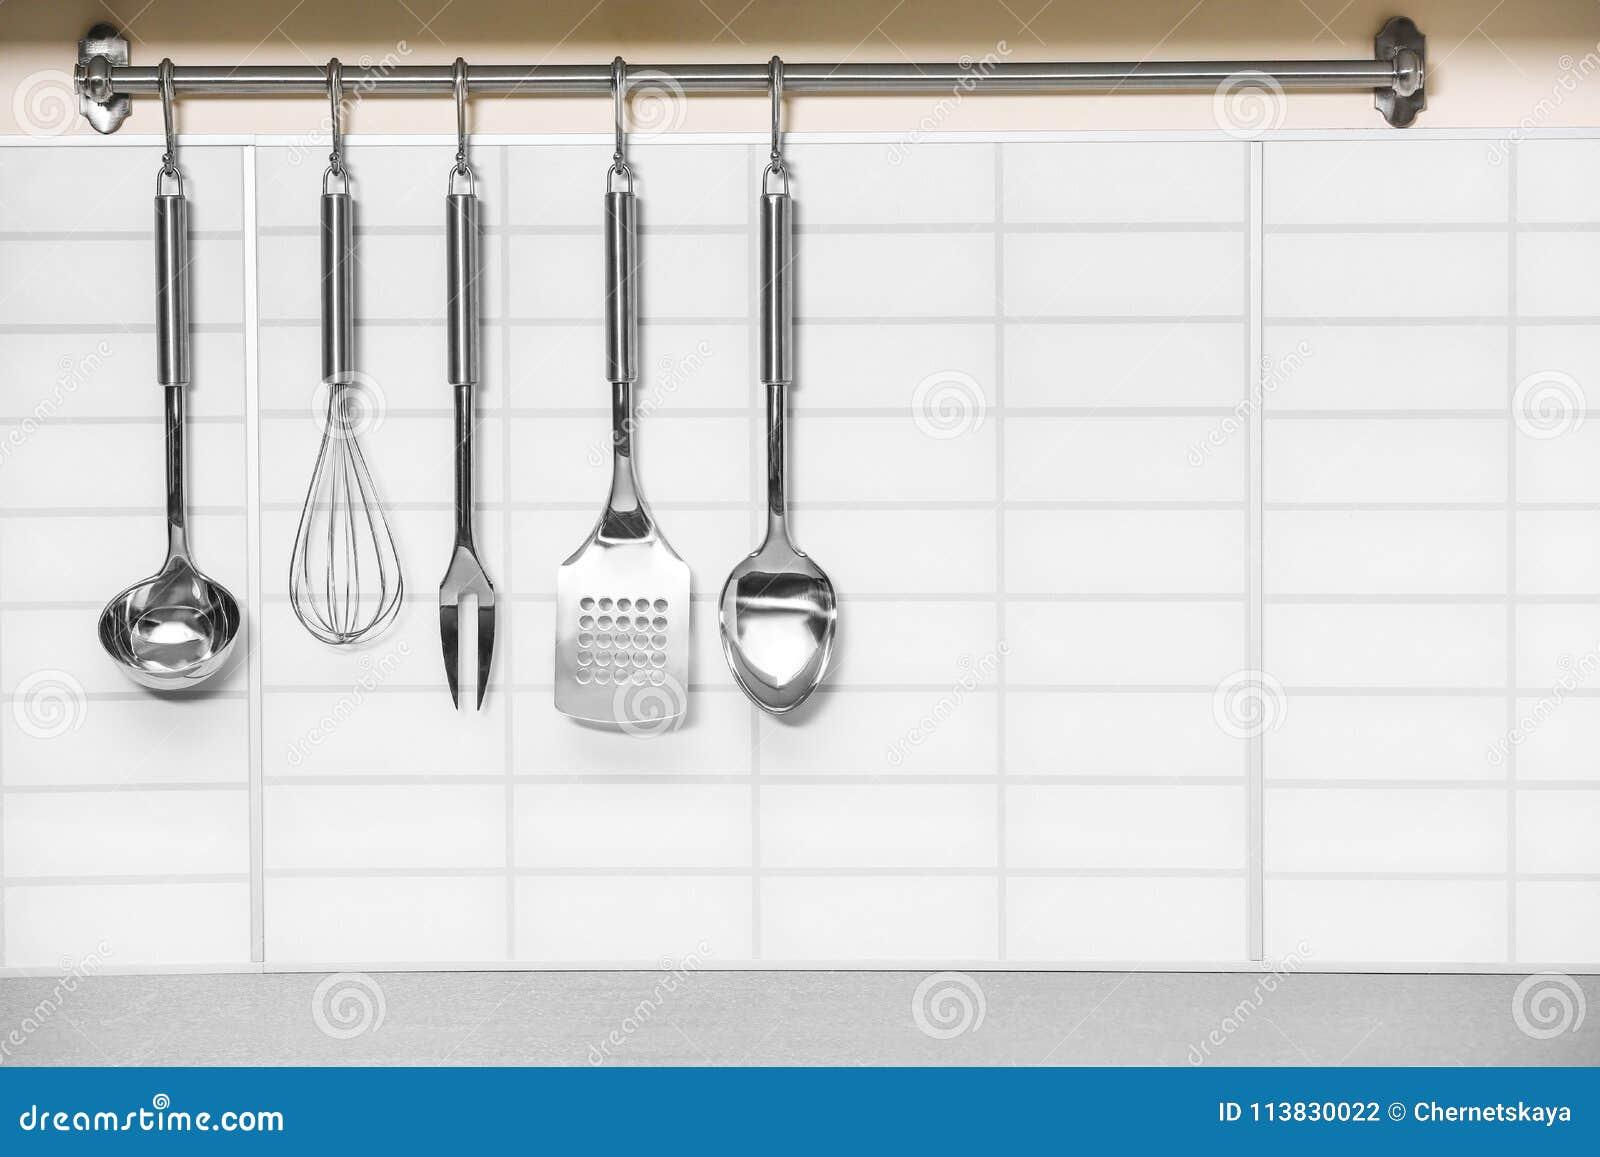 ensemble d'accrocher d'ustensiles de cuisine en métal photo stock